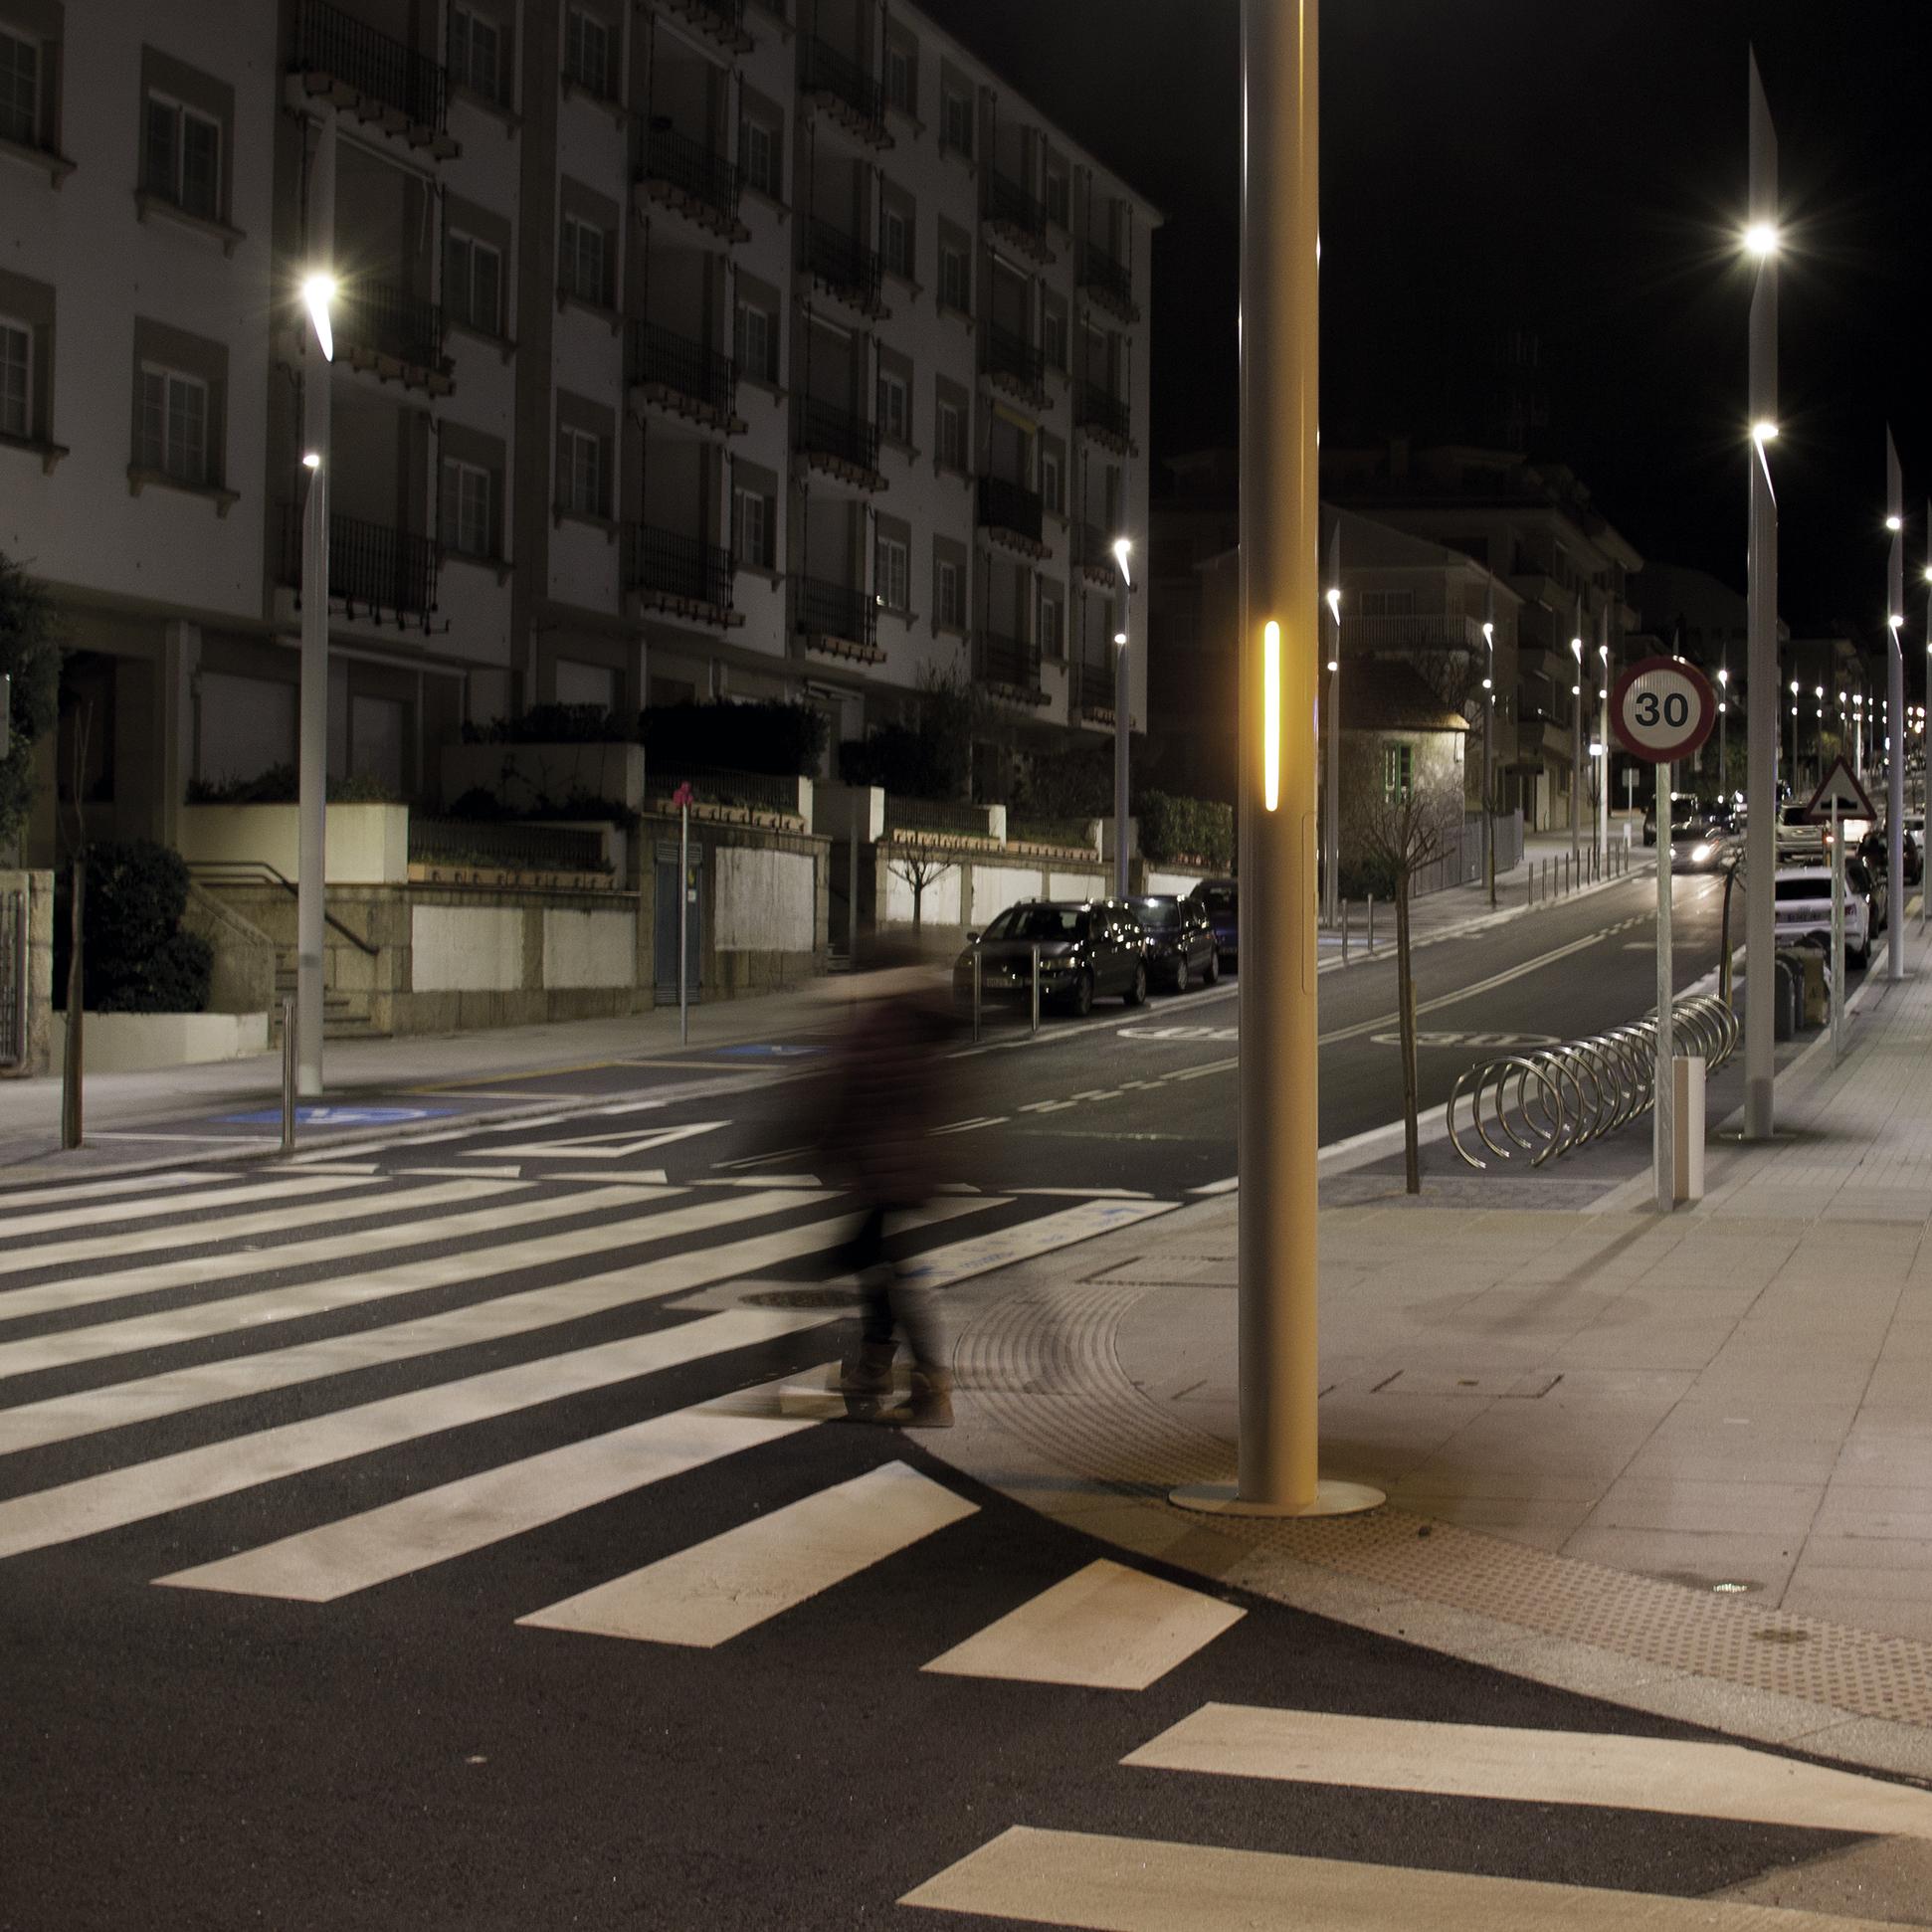 Luz interactiva para proteger vidas en los pasos de peatones